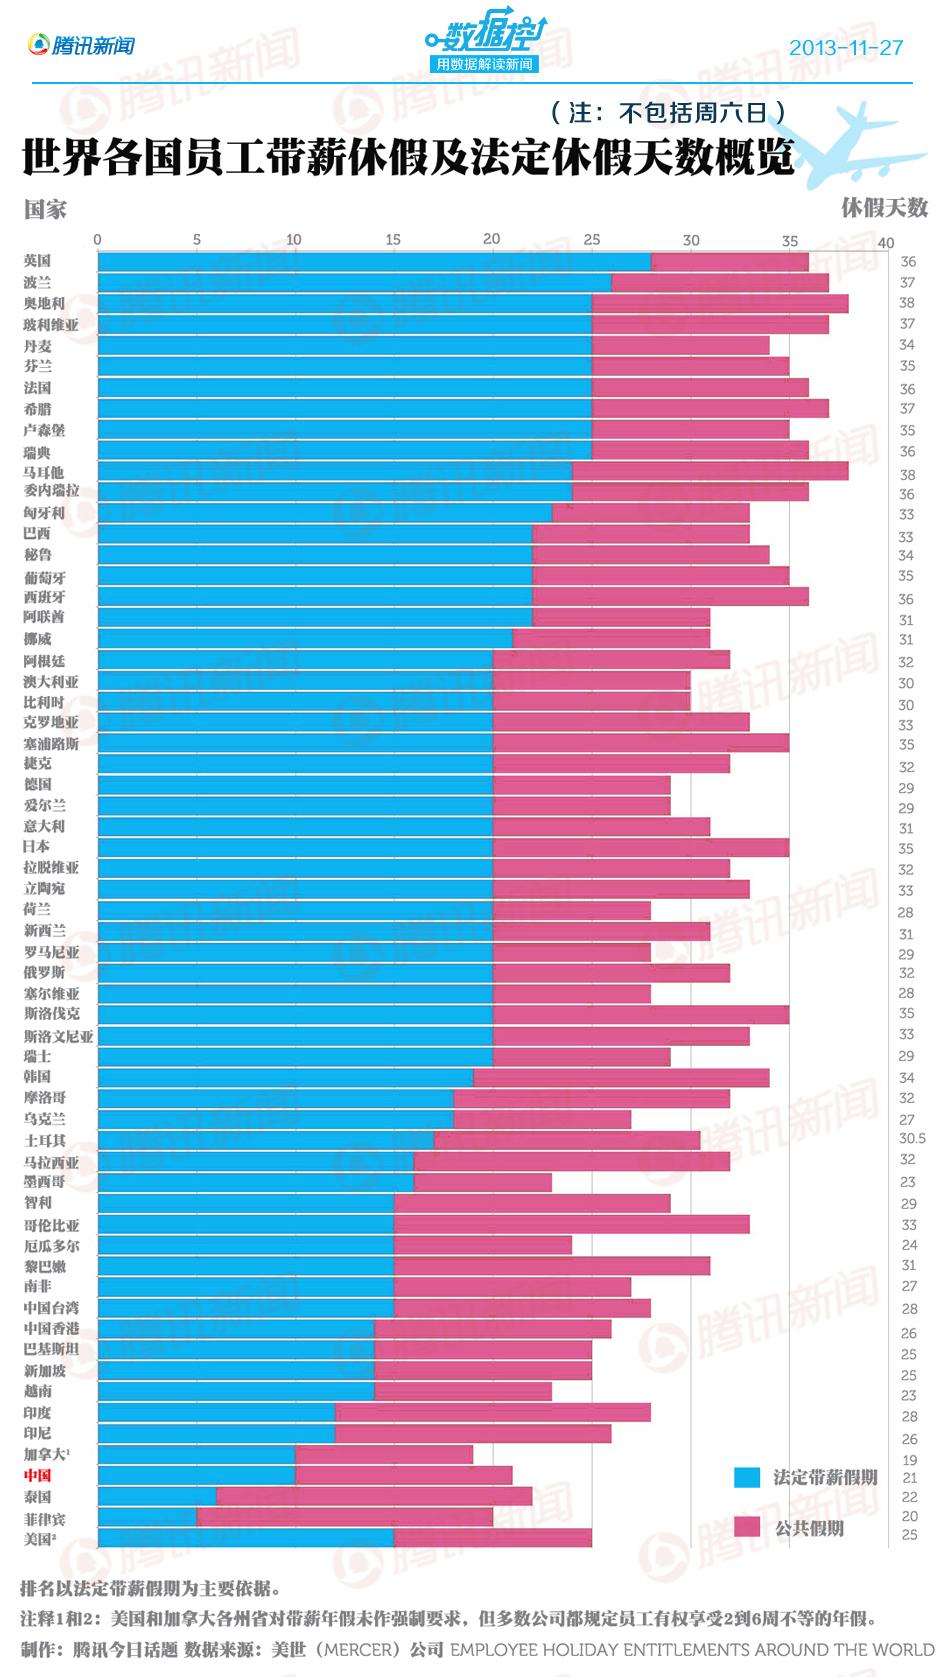 世界各国员工带薪休假及法定休假天数